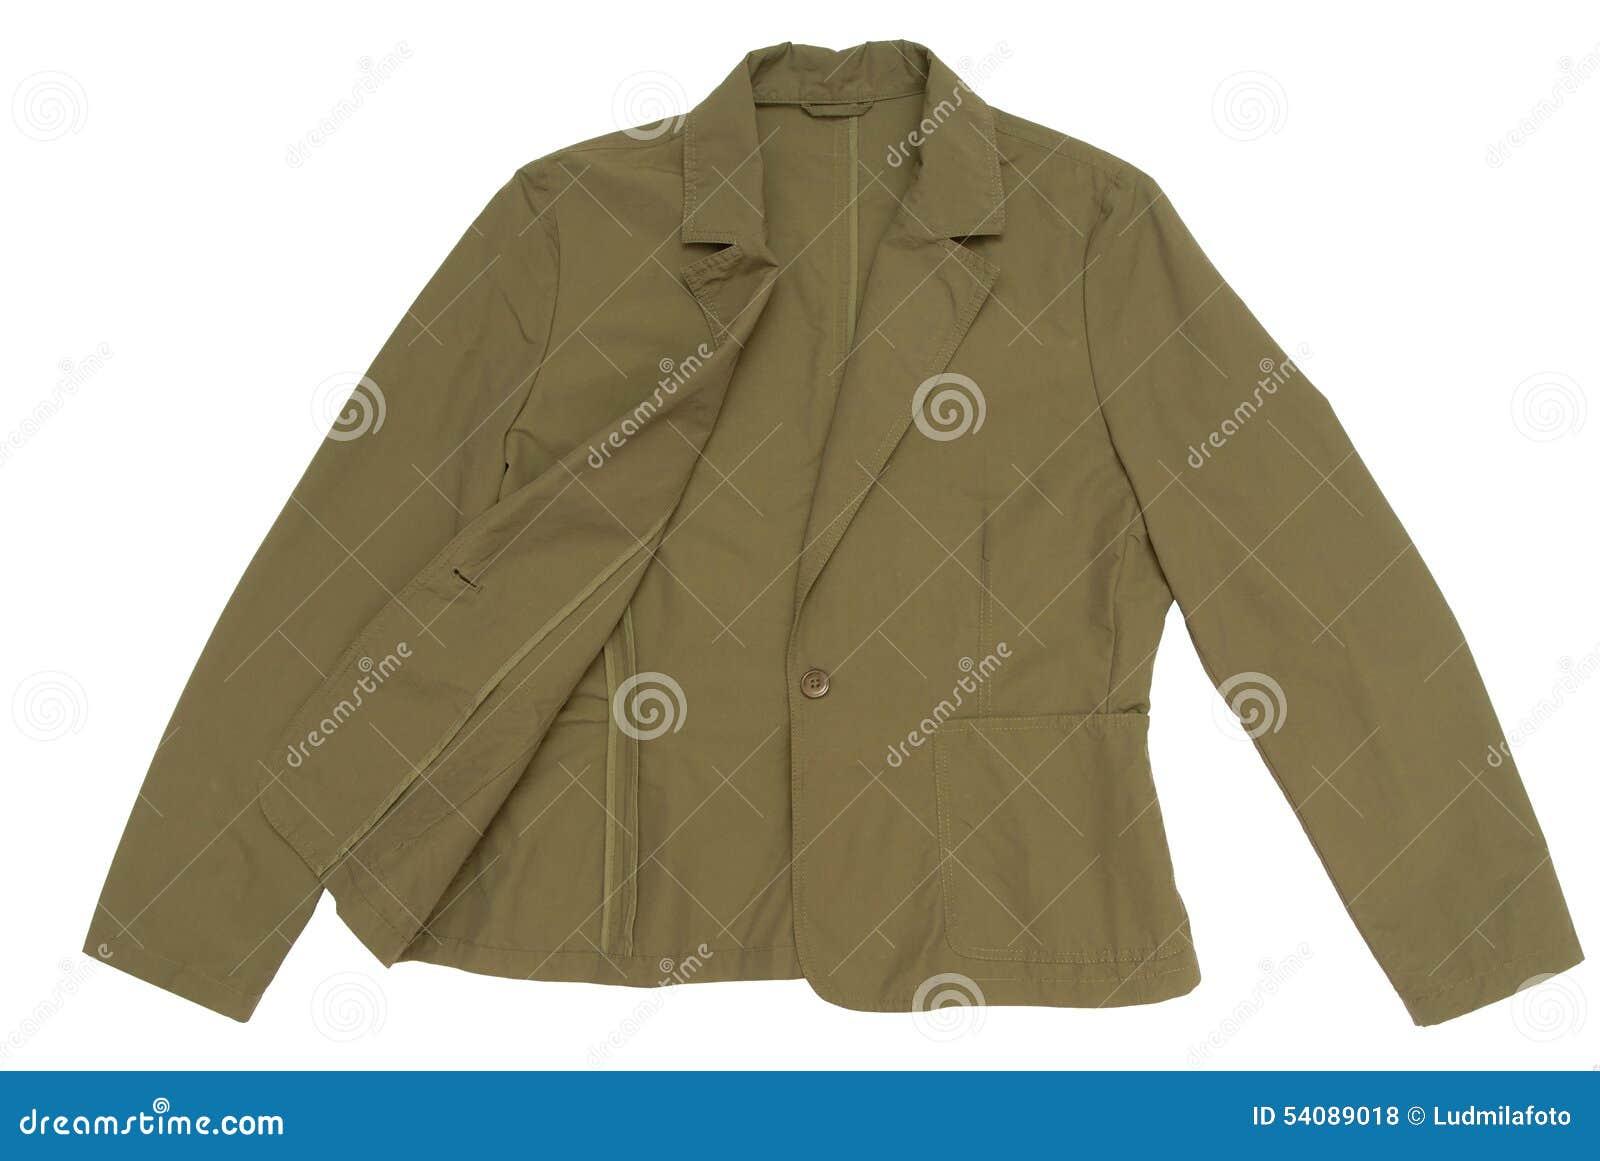 Snuifje-kleur jasje